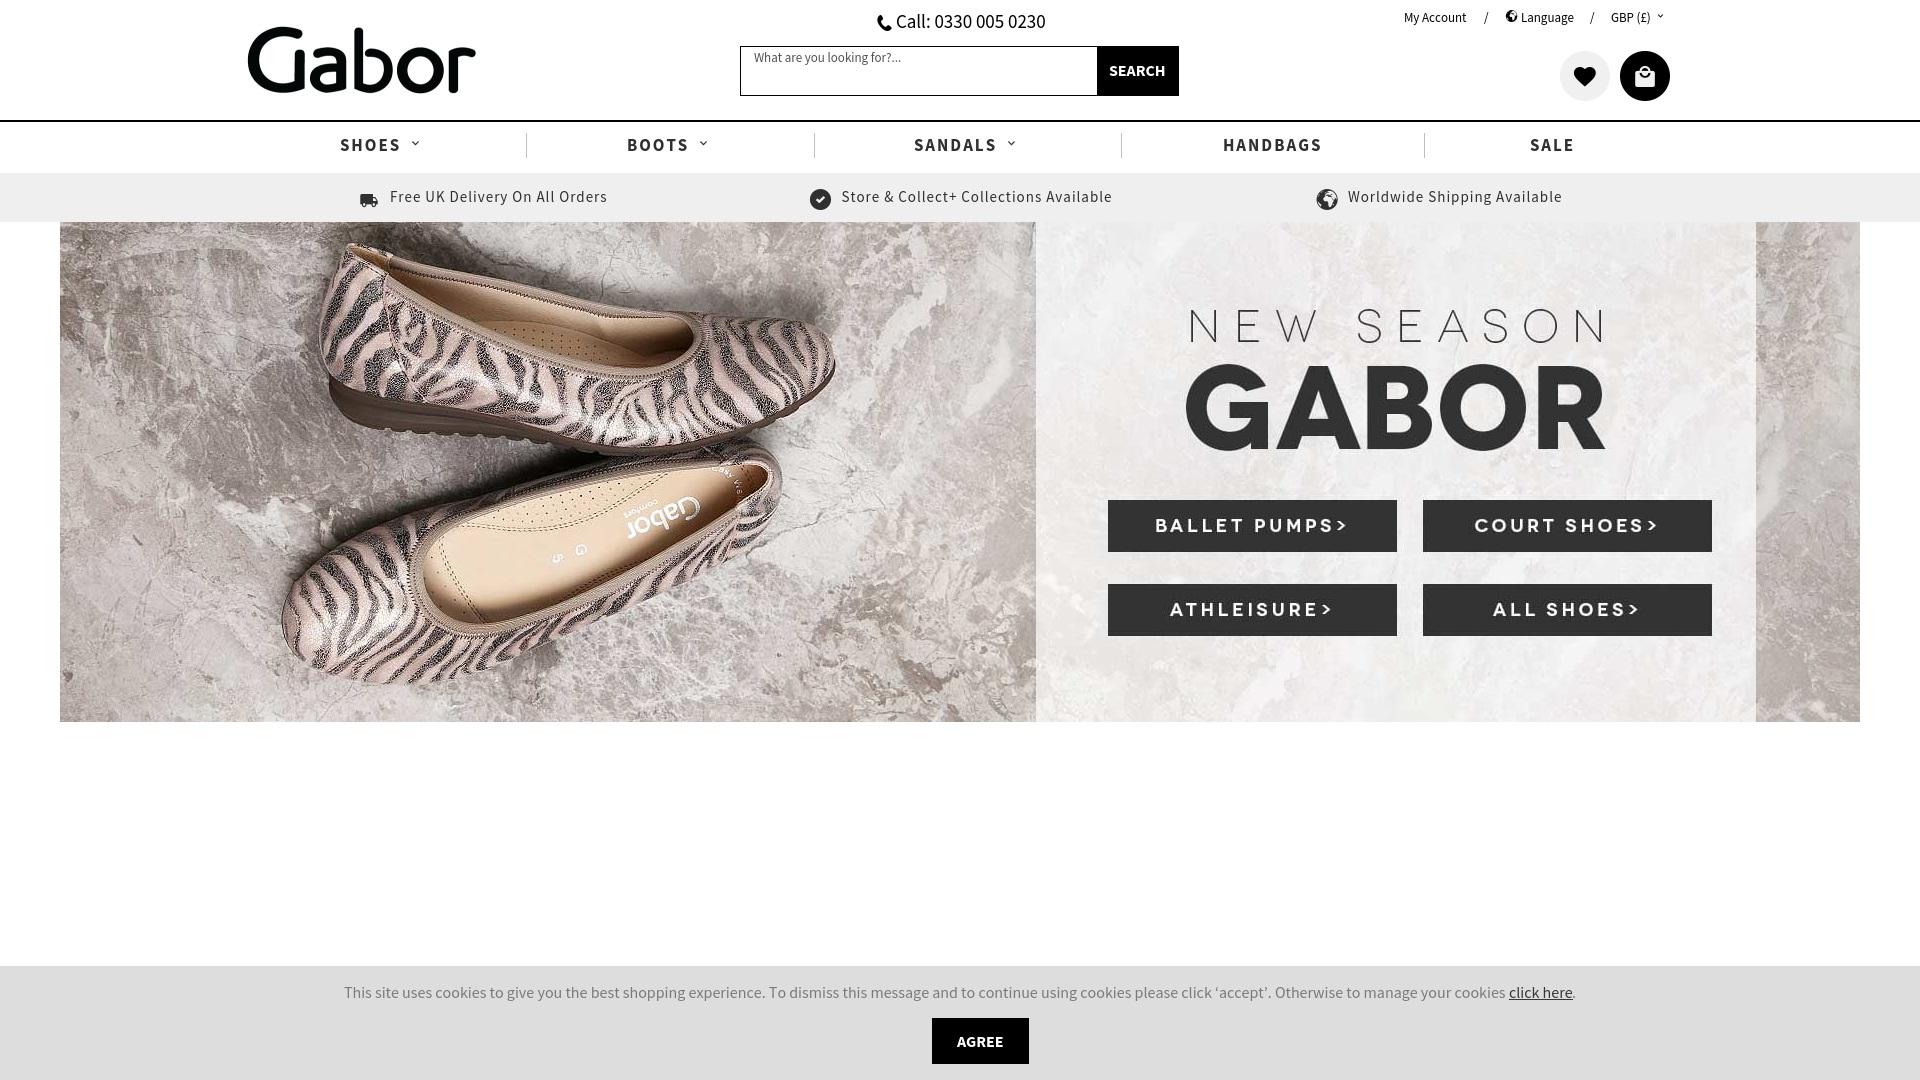 Gutschein für Gaborshoes: Rabatte für  Gaborshoes sichern